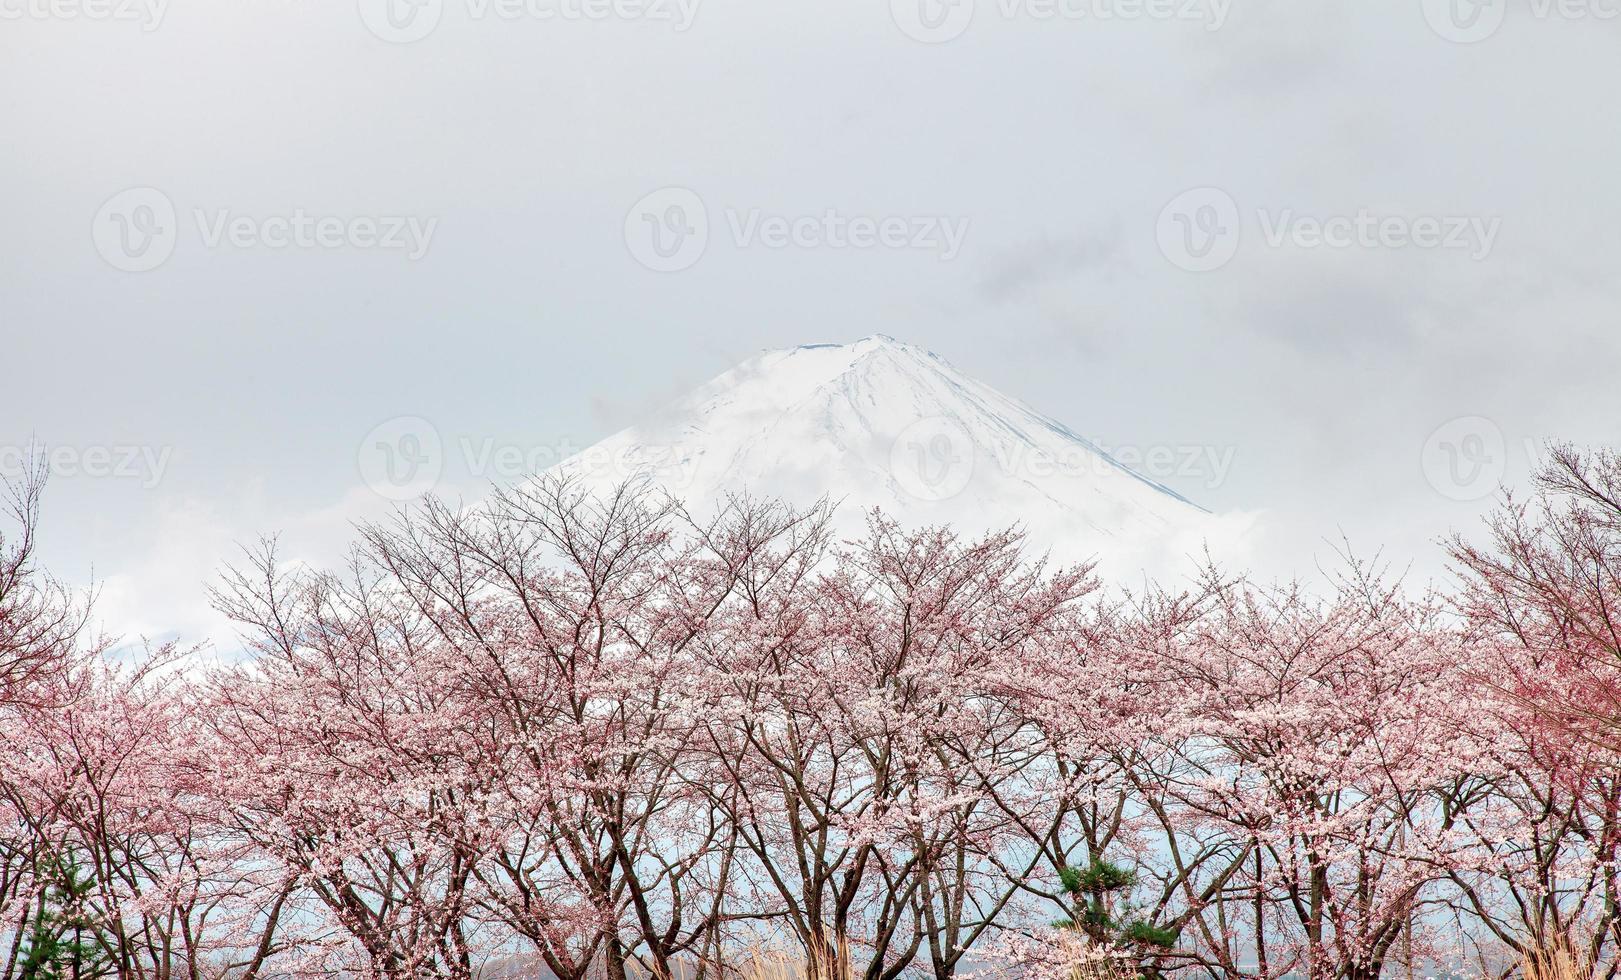 ญ pintar a árvore da flor de cerejeira na primavera no lago kawaguchi, no Japão foto